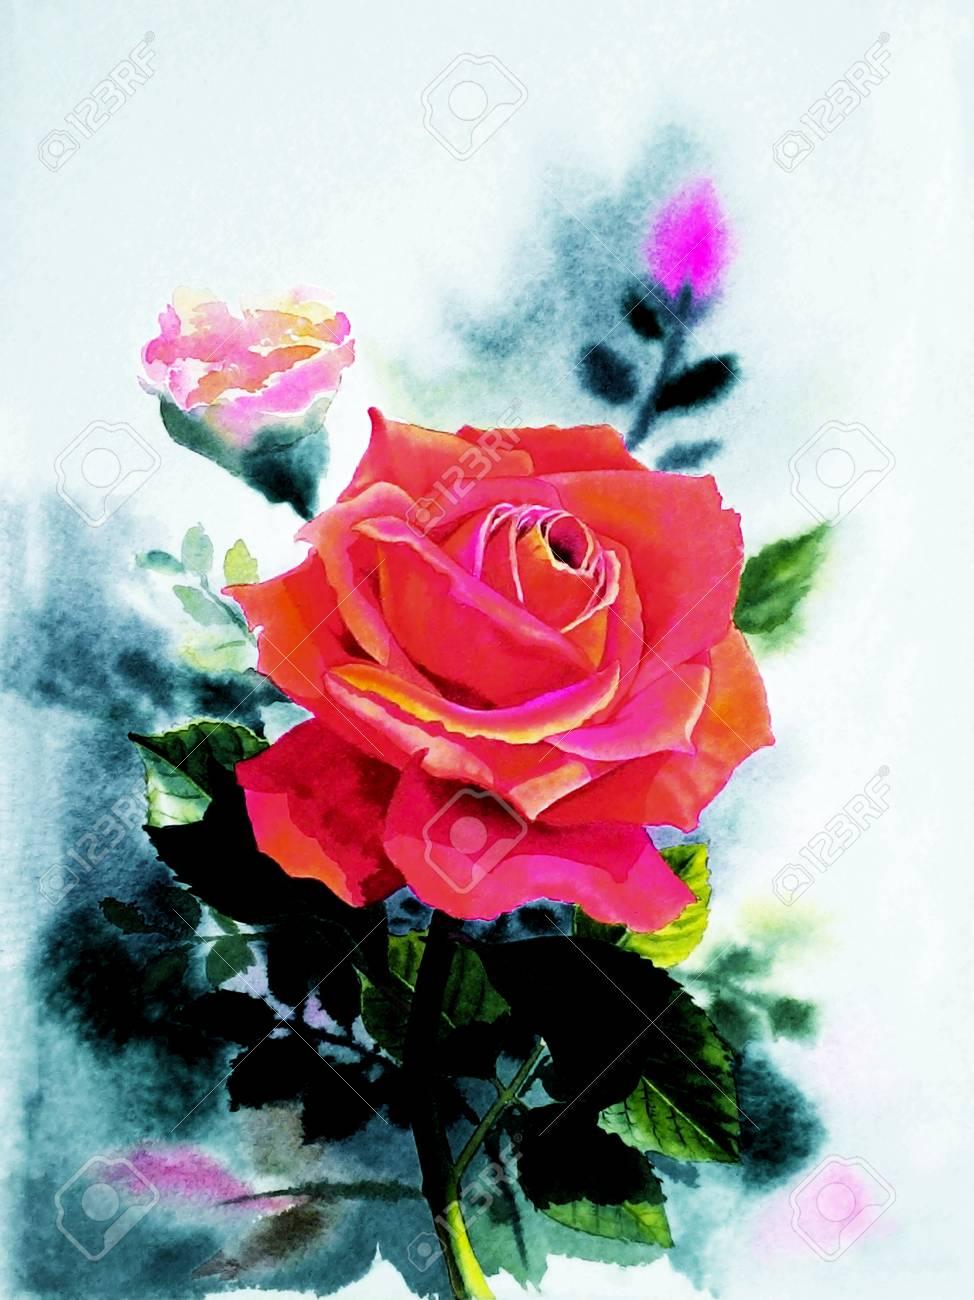 Aquarelle Peinture Originale Realiste Couleur Rouge De Fleur Rose Et